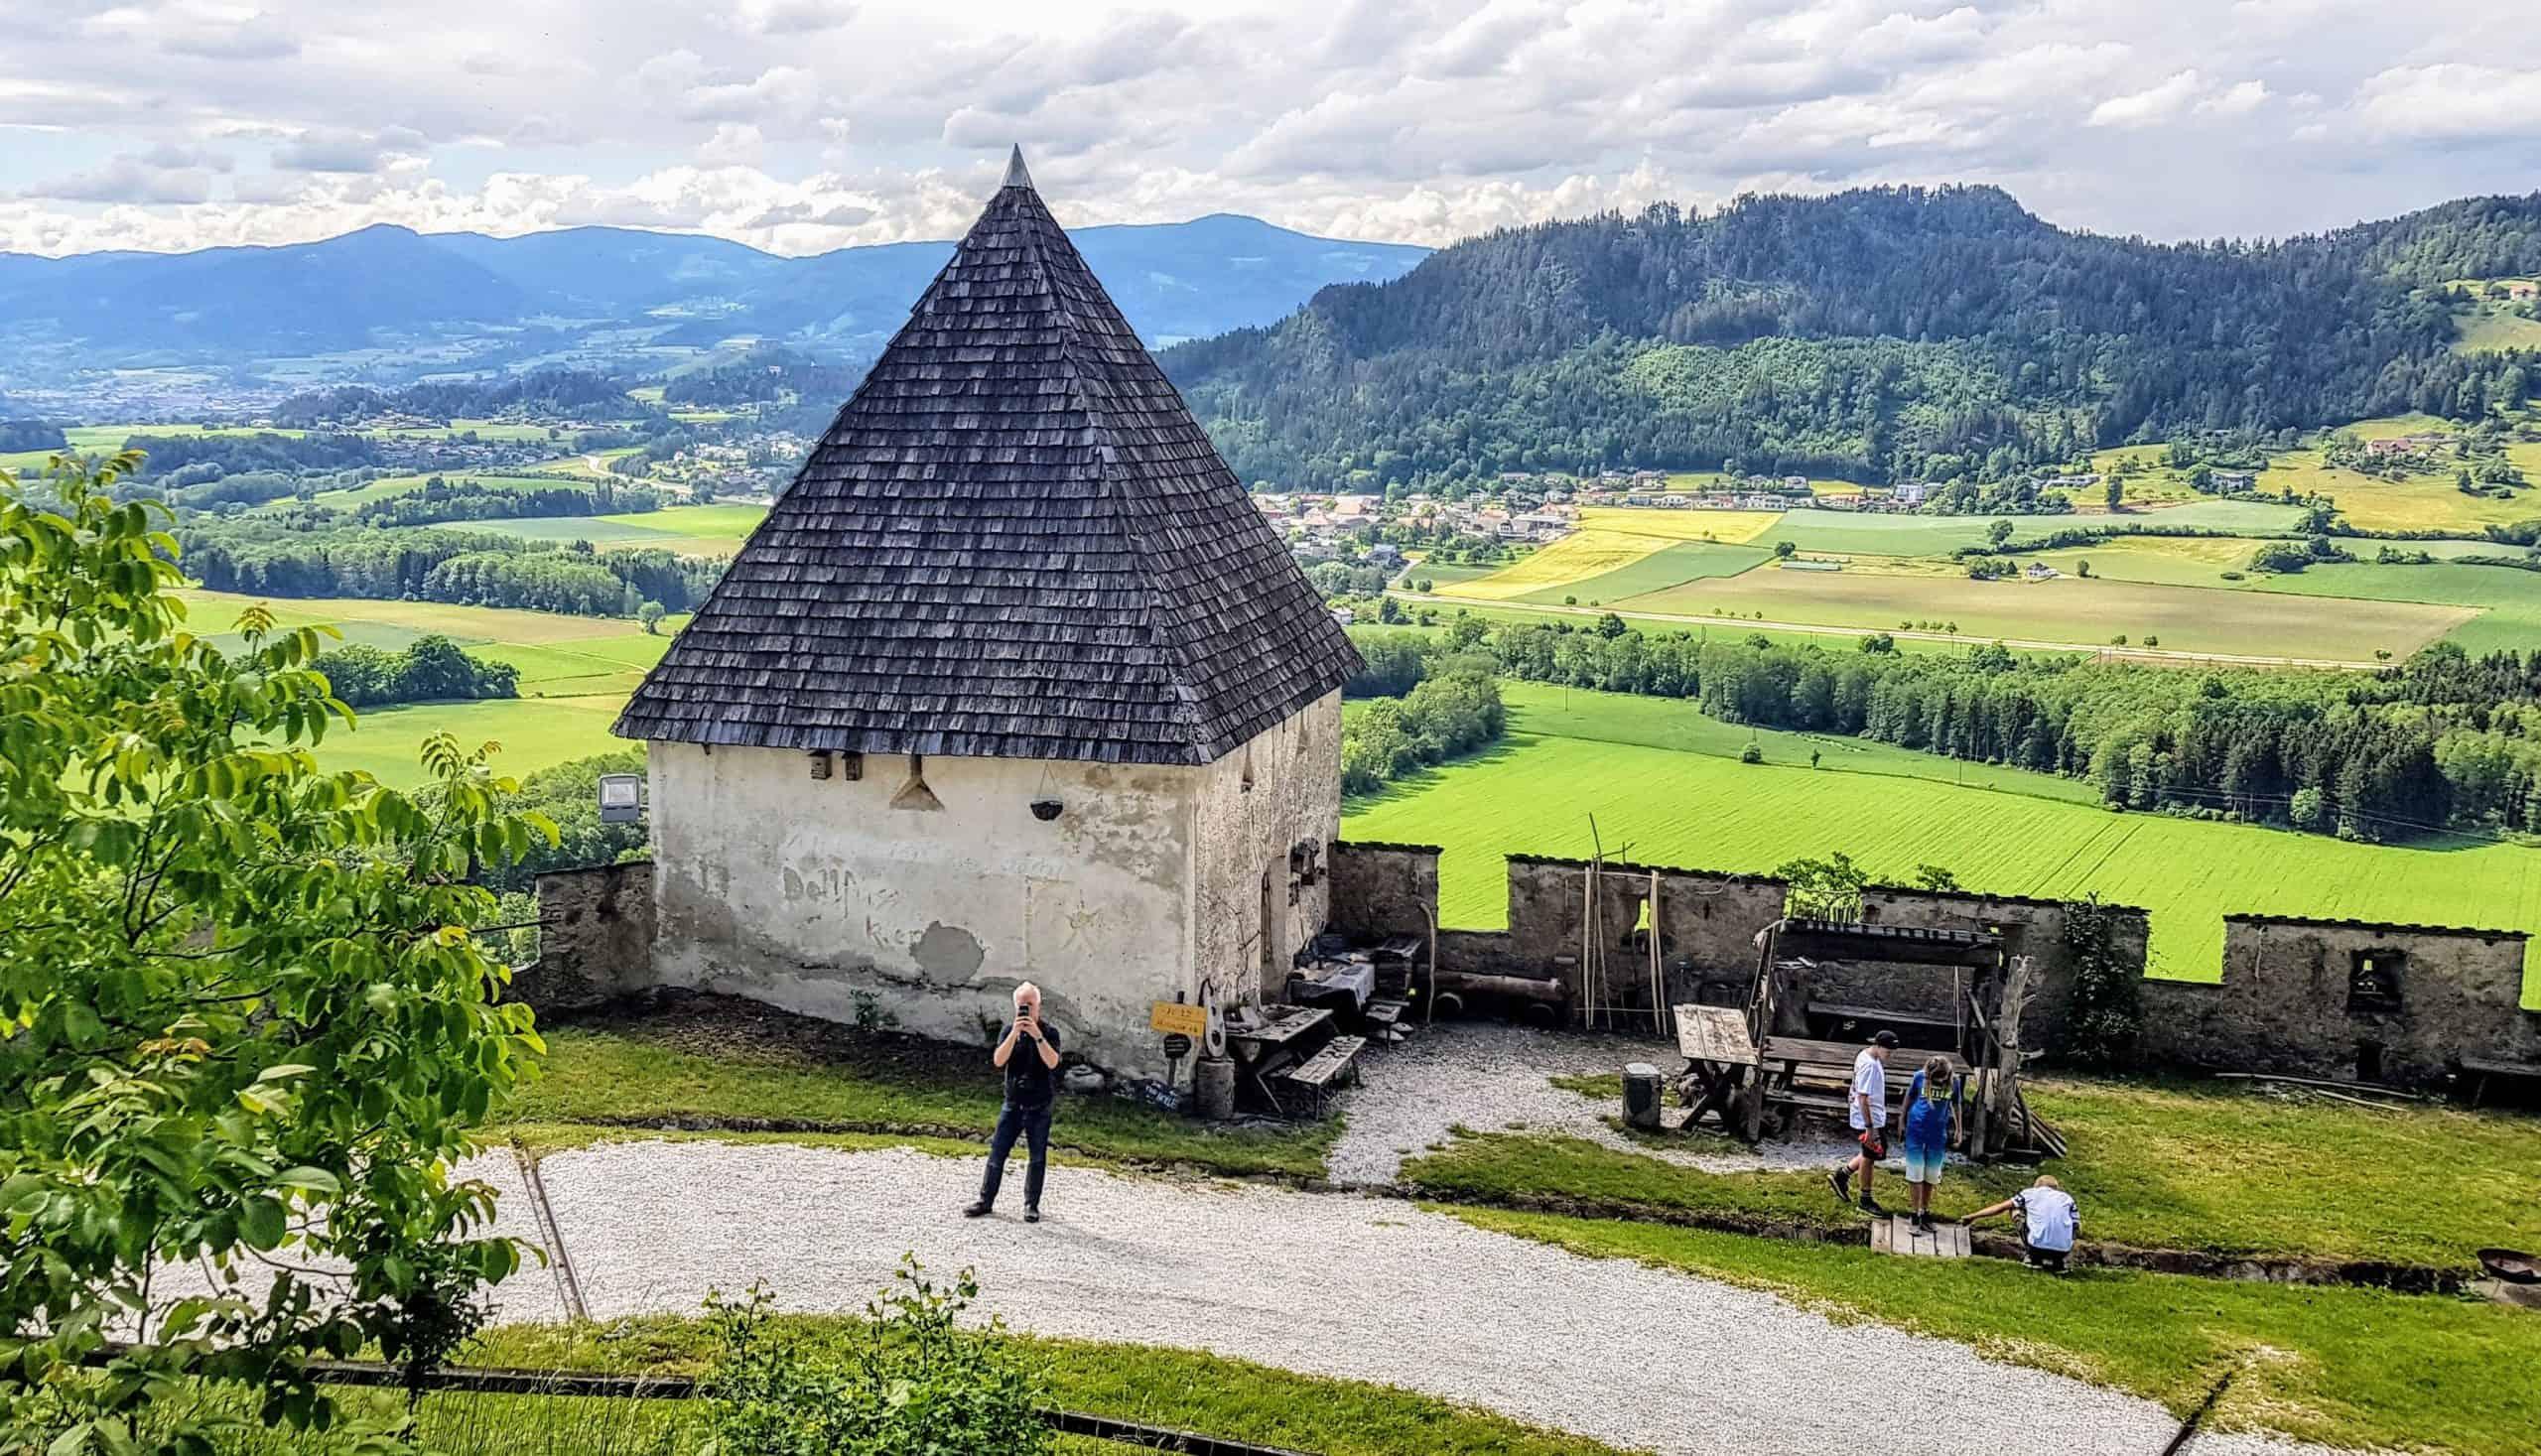 Familienausflug auf Burg Hochosterwitz. Blick vom Reisertor auf Schmiede und Landschaft in Kärnten